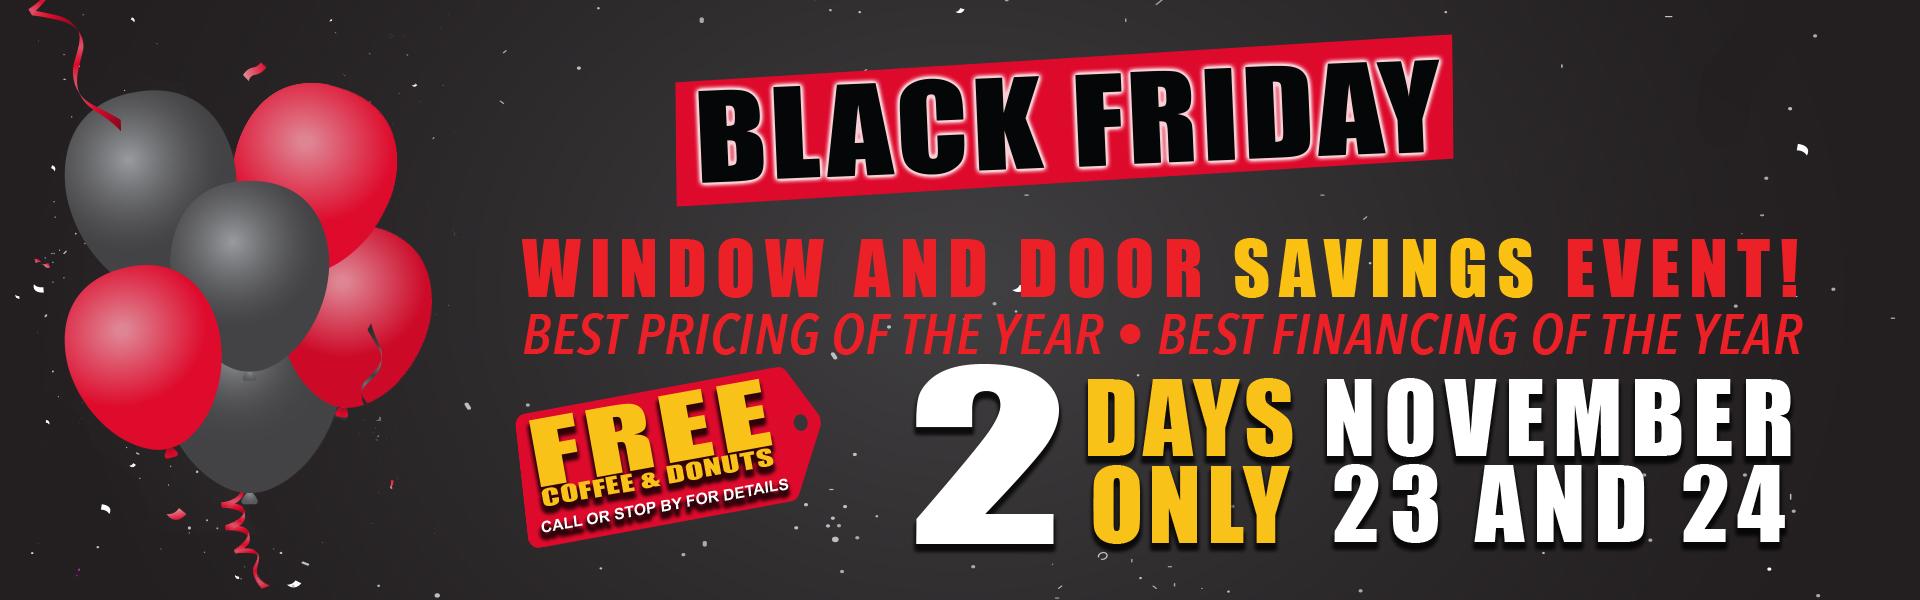 2018 Black Friday Window and Door Savings Event